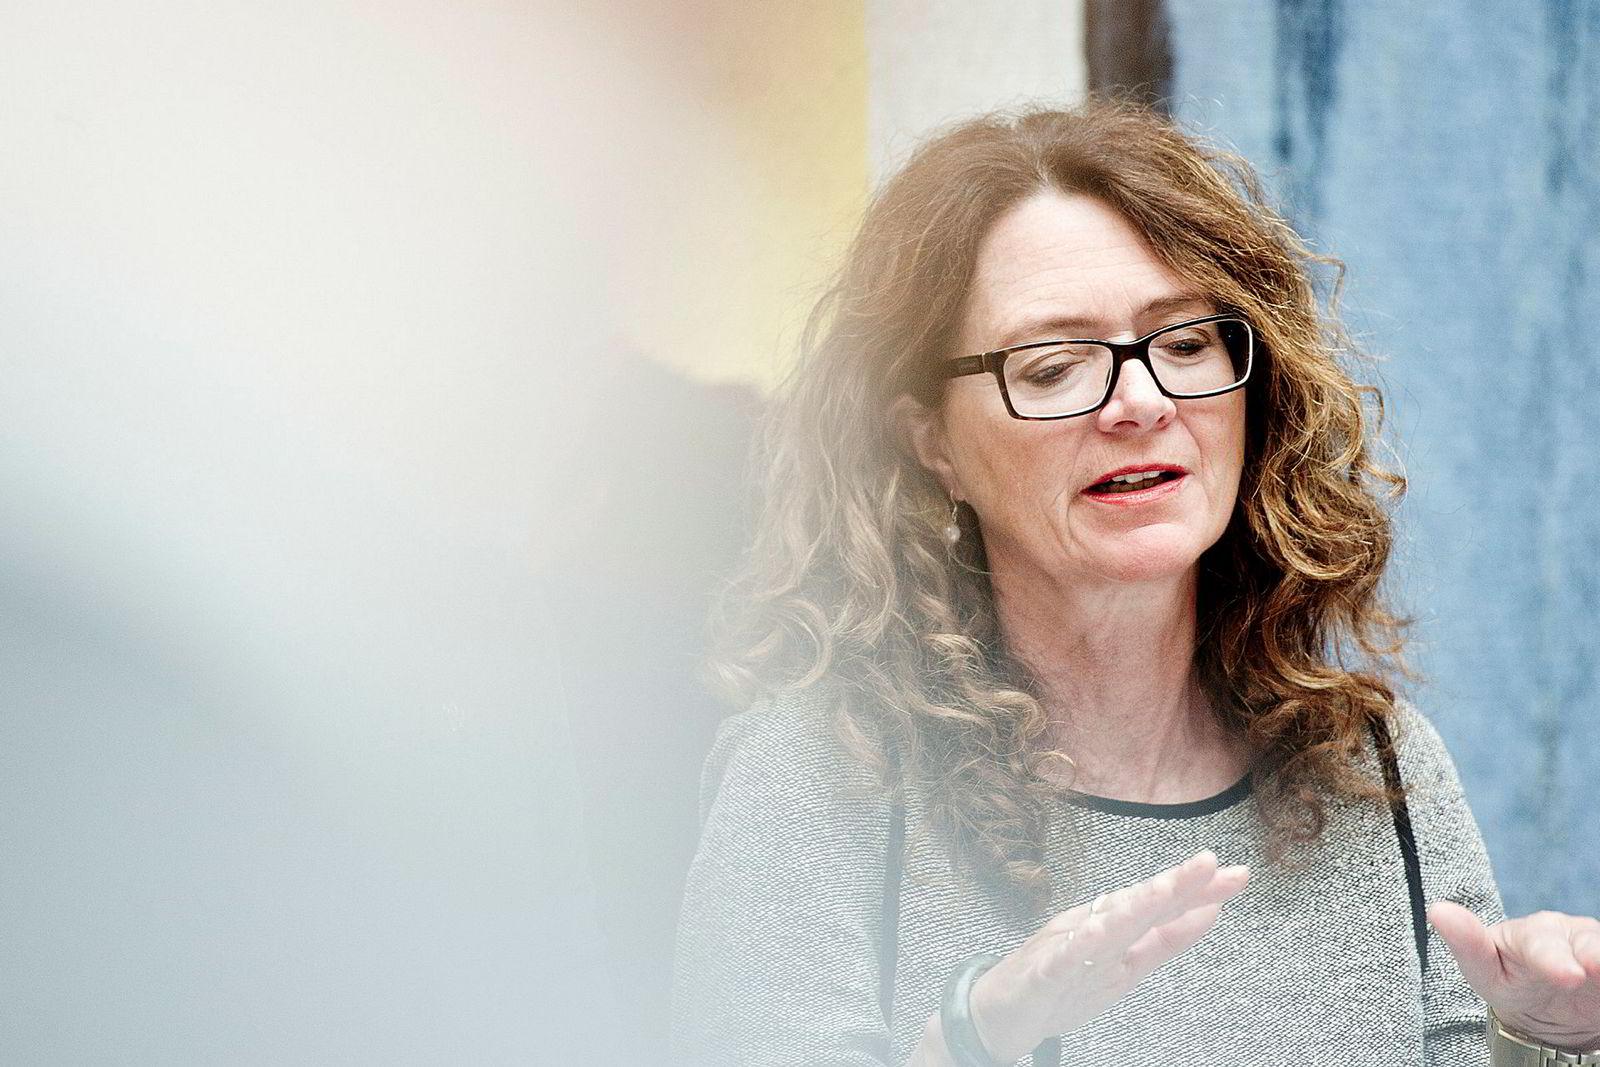 Arbeiderpartiets Ingrid Heggø har stilt spørsmål til Siv Jensen.